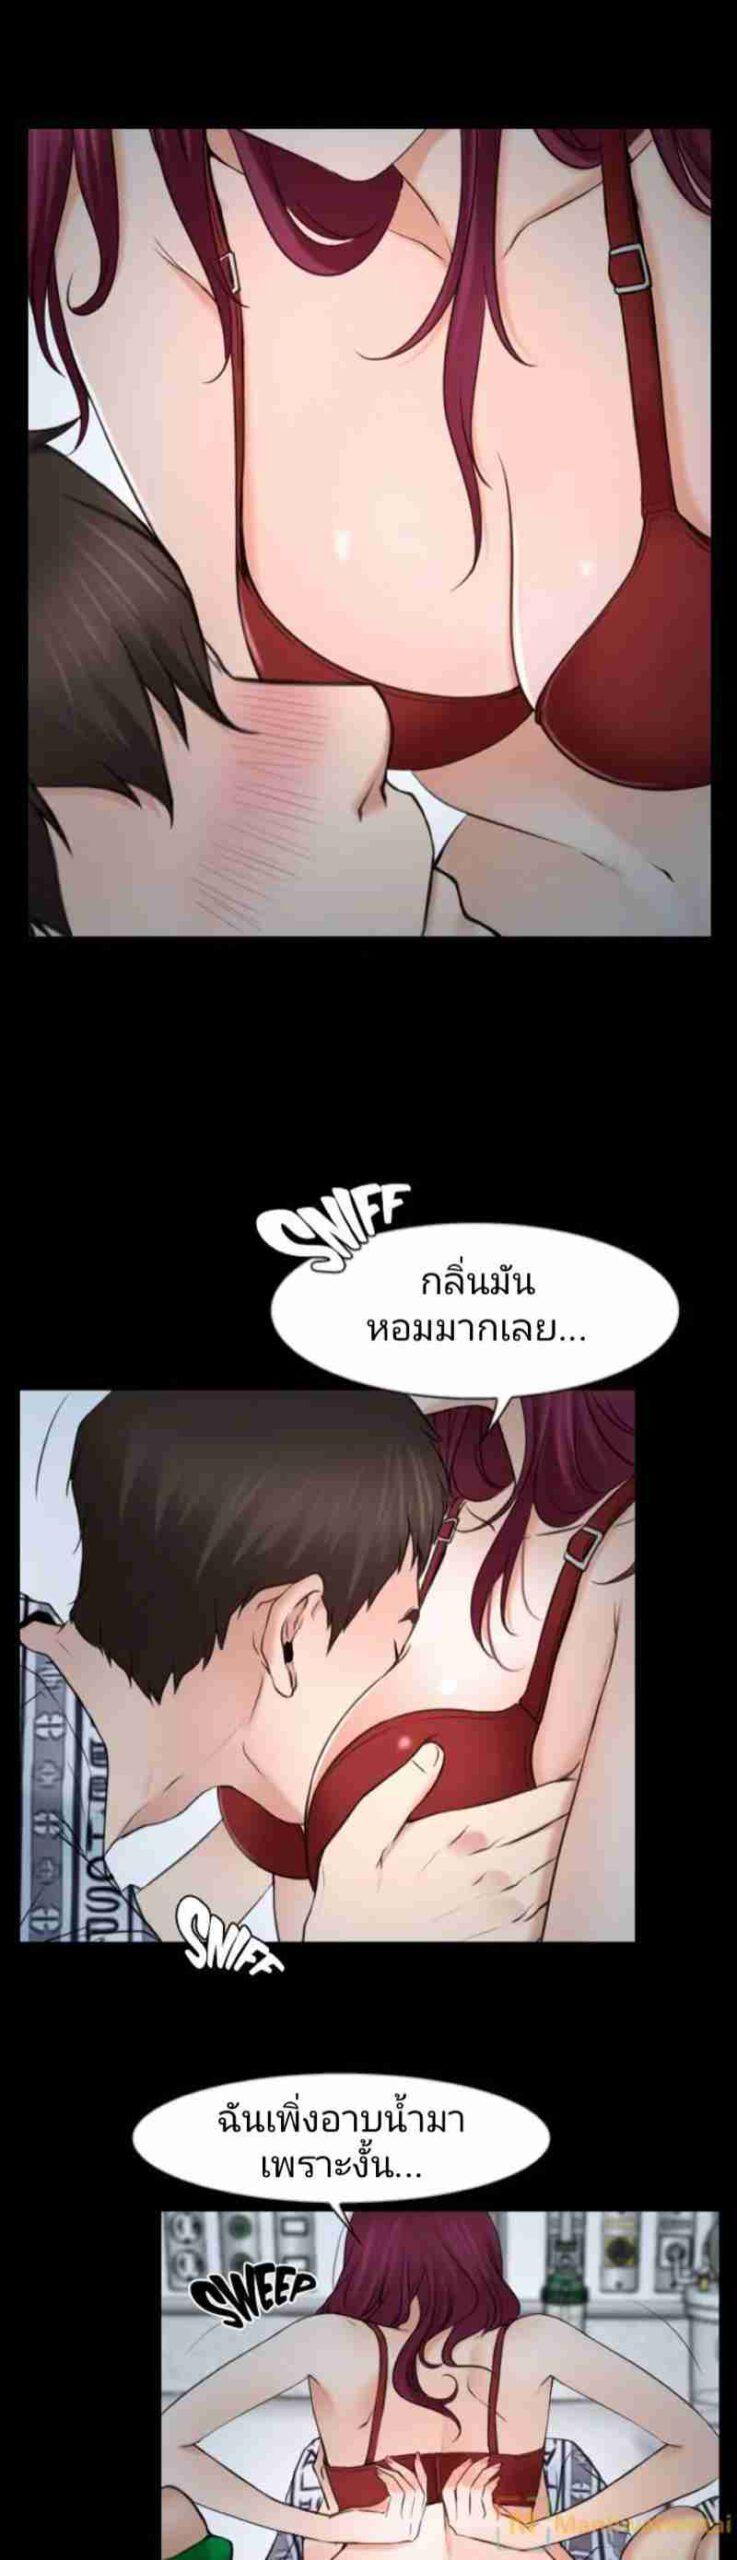 โดจิน Doujin ความรู้สึกที่ซ่อนอยู่ในใจ